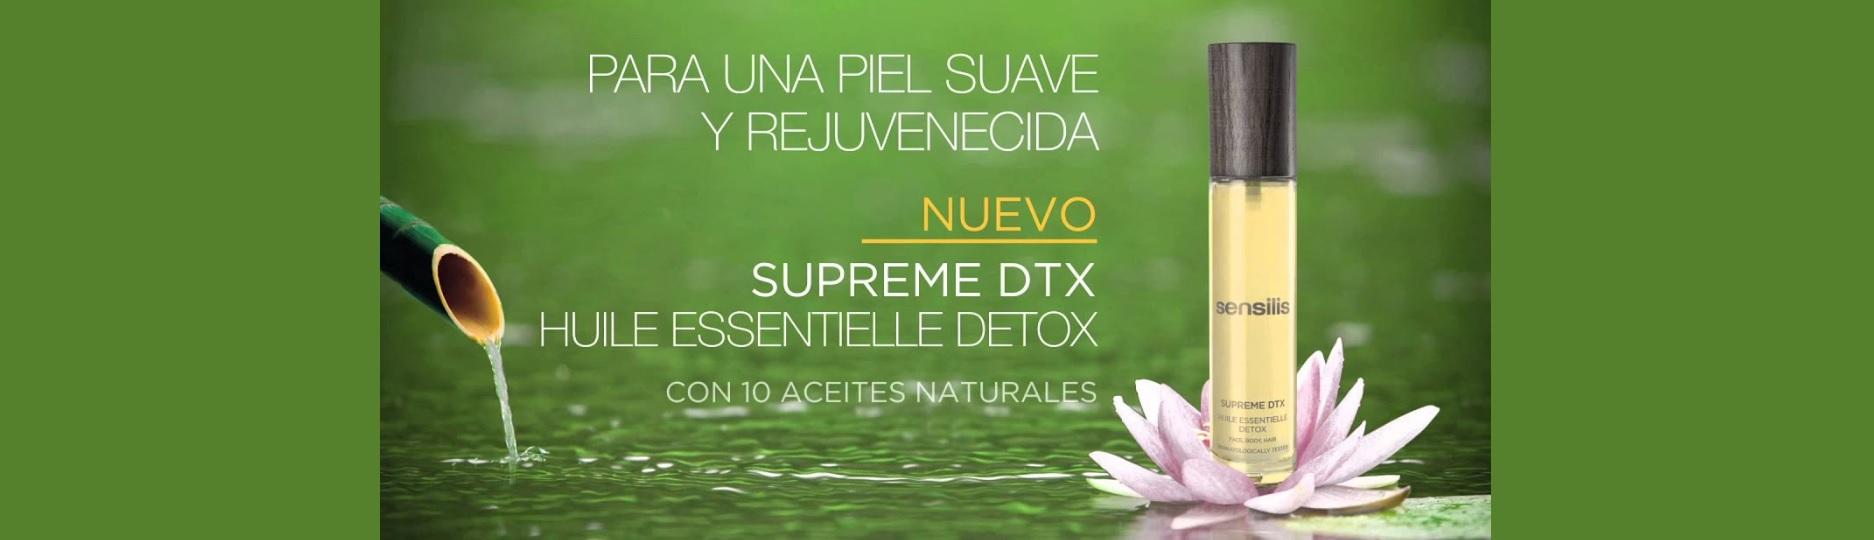 SensilisSupreme DTX Aceite Esencial en Farma2go